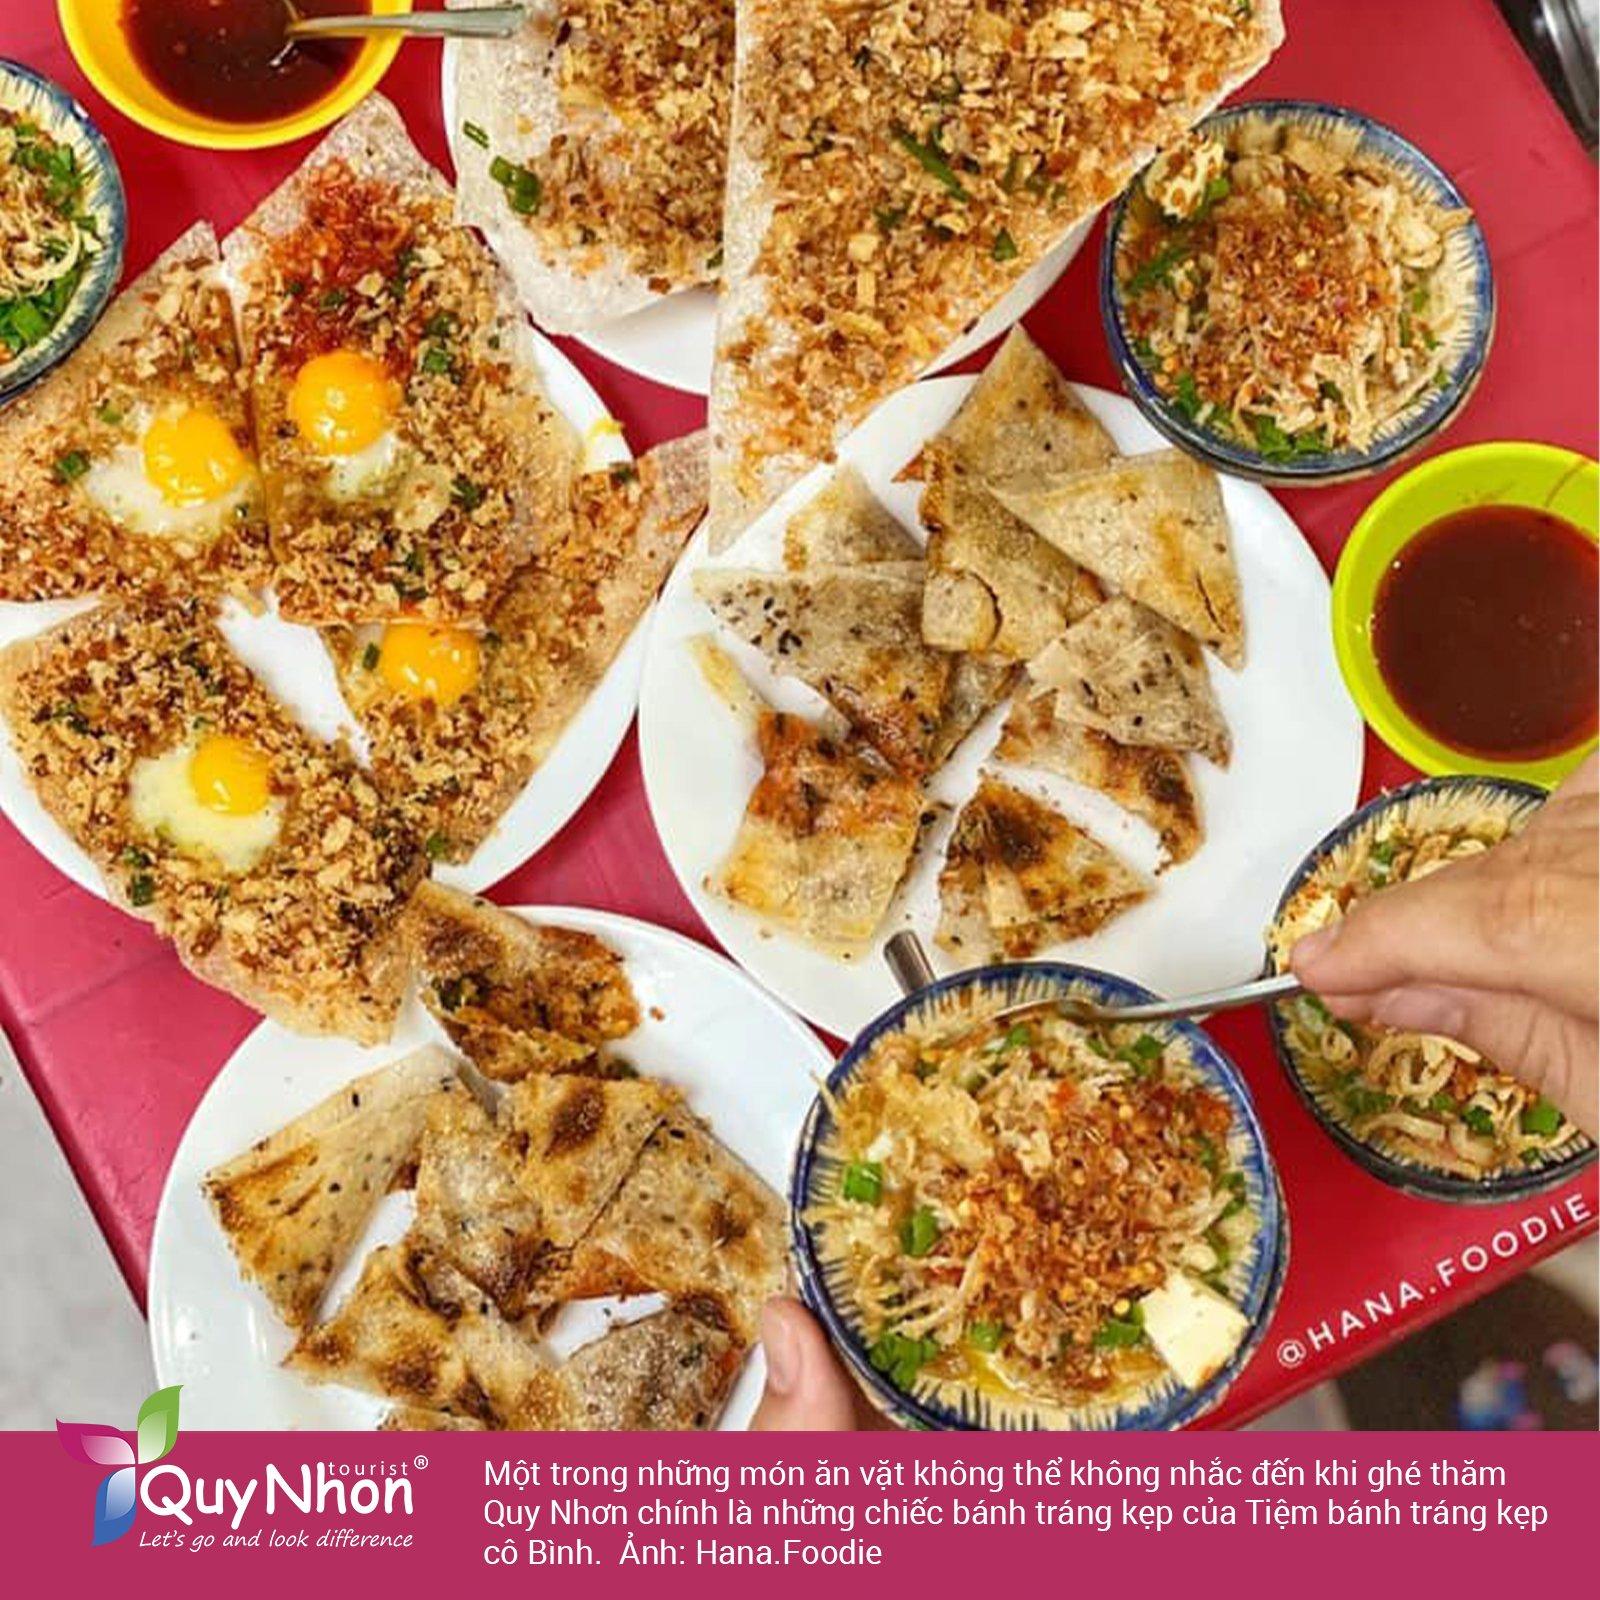 Ăn vặt Quy Nhơn - Tiệm bánh tráng kẹp cô Bình